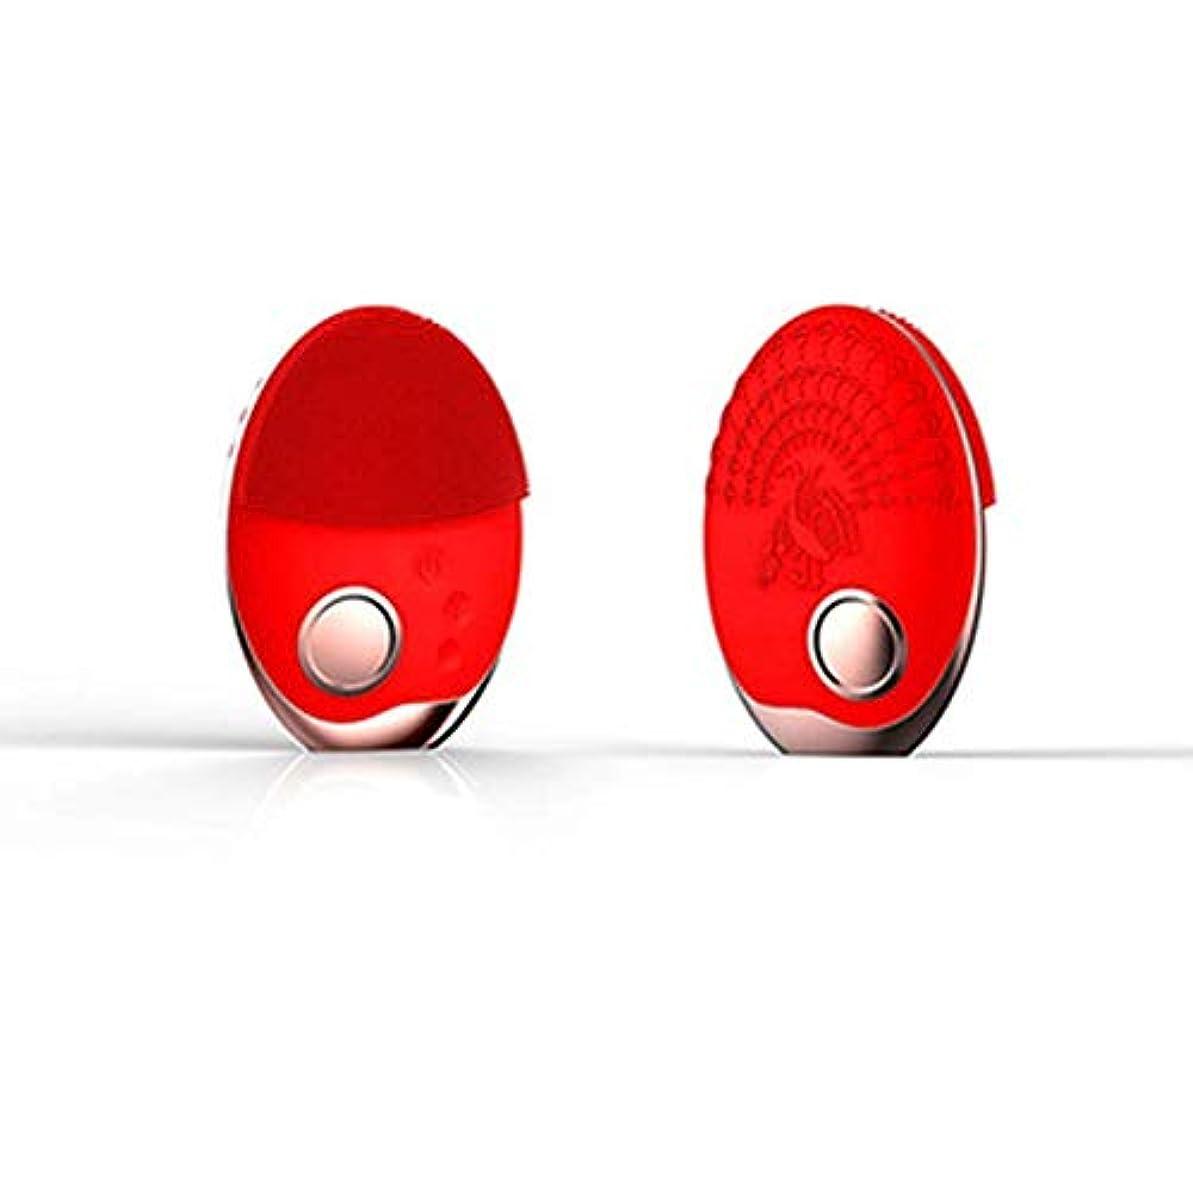 ハドル里親同じ電気洗顔ブラシシリコーン、フェイスマッサージャー超音波振動防水ディープエクスフォリエーター、充電式アンチエイジングスキンクレンザー,赤